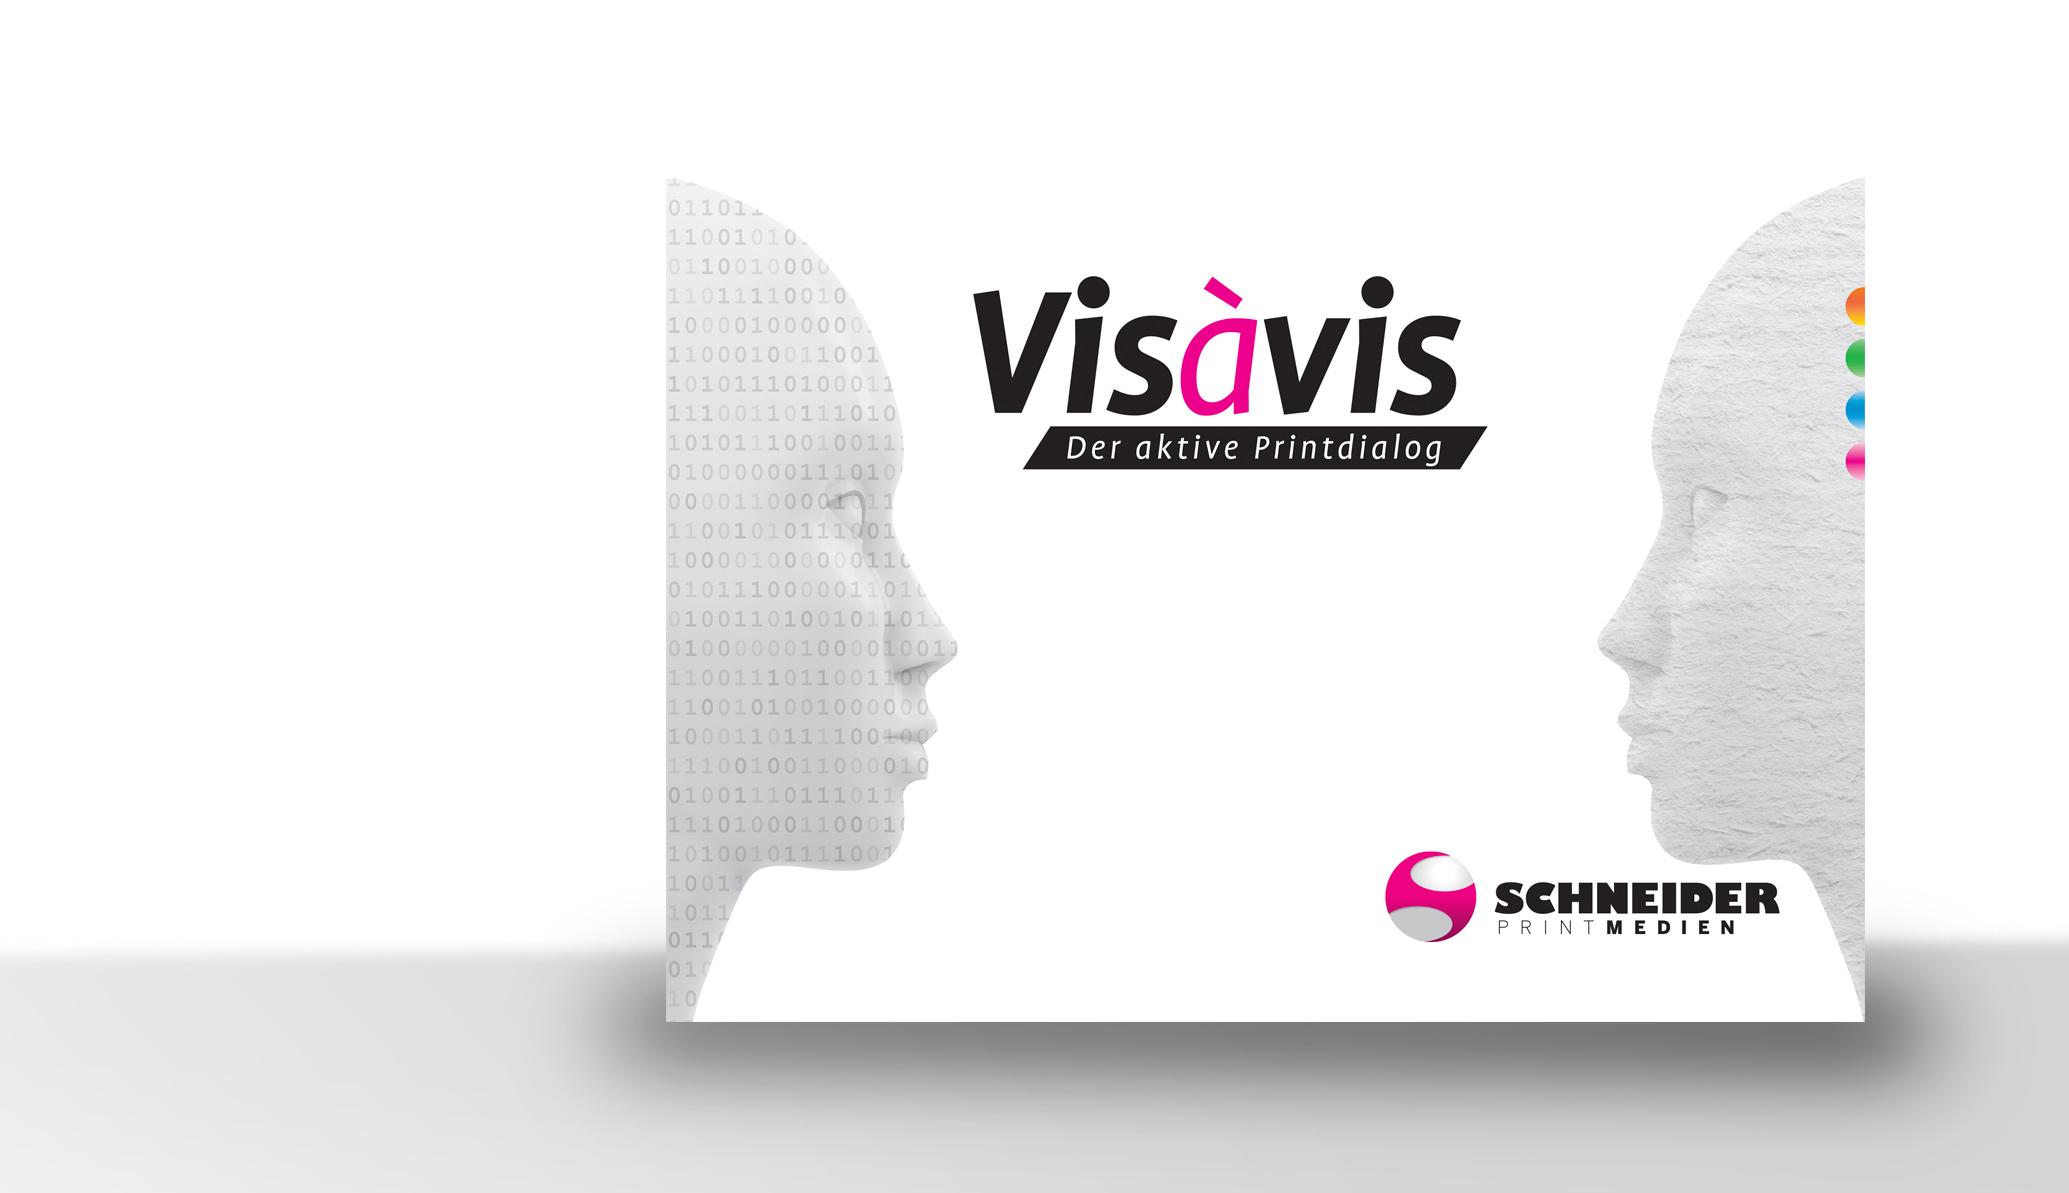 Werbeagentur für Fa. Schneider